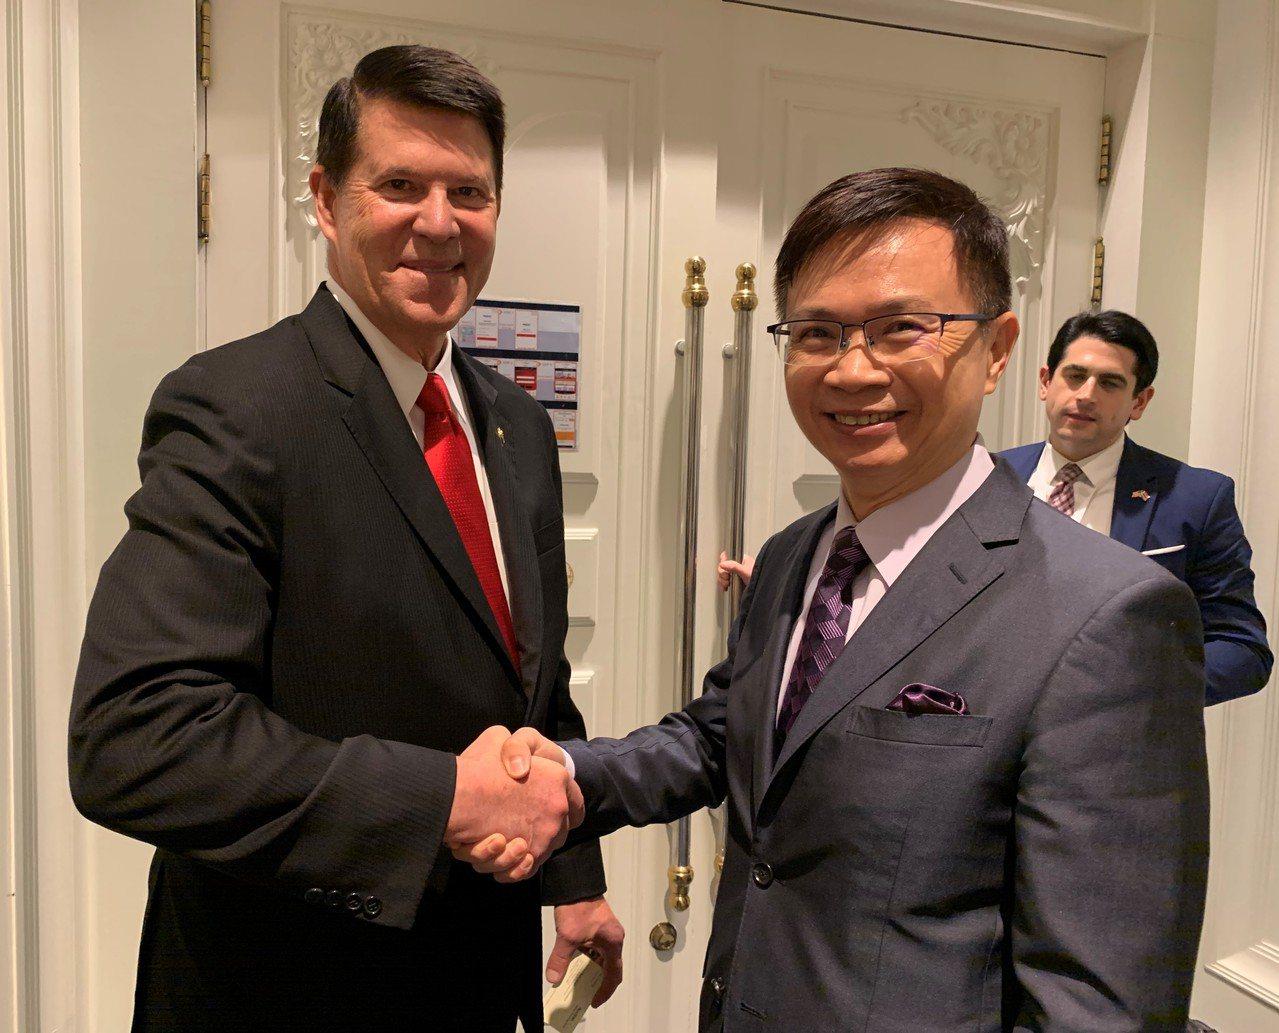 外貿協會董事長黃志芳(右)與美國國務院主管經濟事務次卿克拉奇(左)會談雙方並交換...